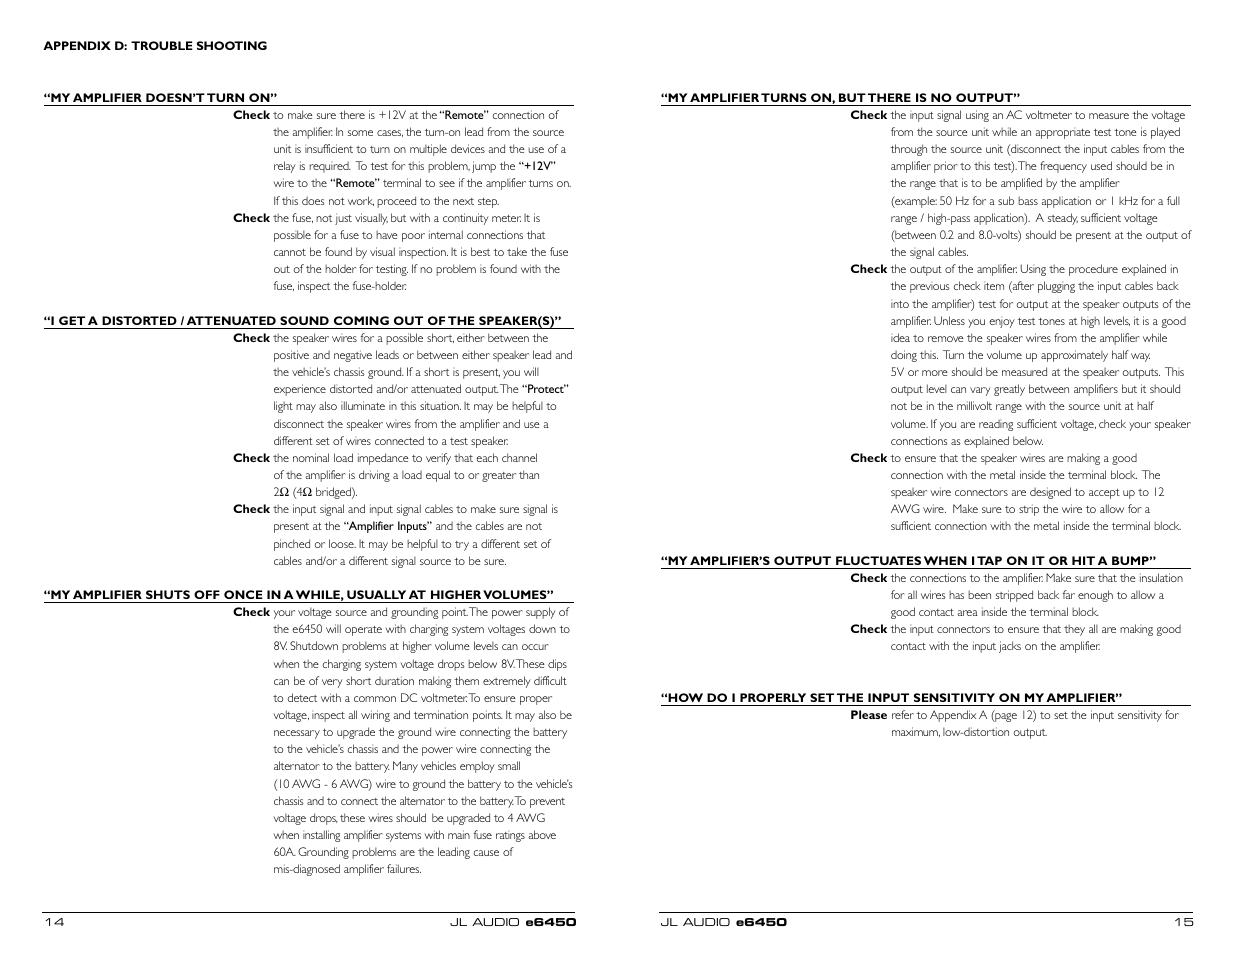 jl audio e6450 user manual page 8 11 original mode rh manualsdir com